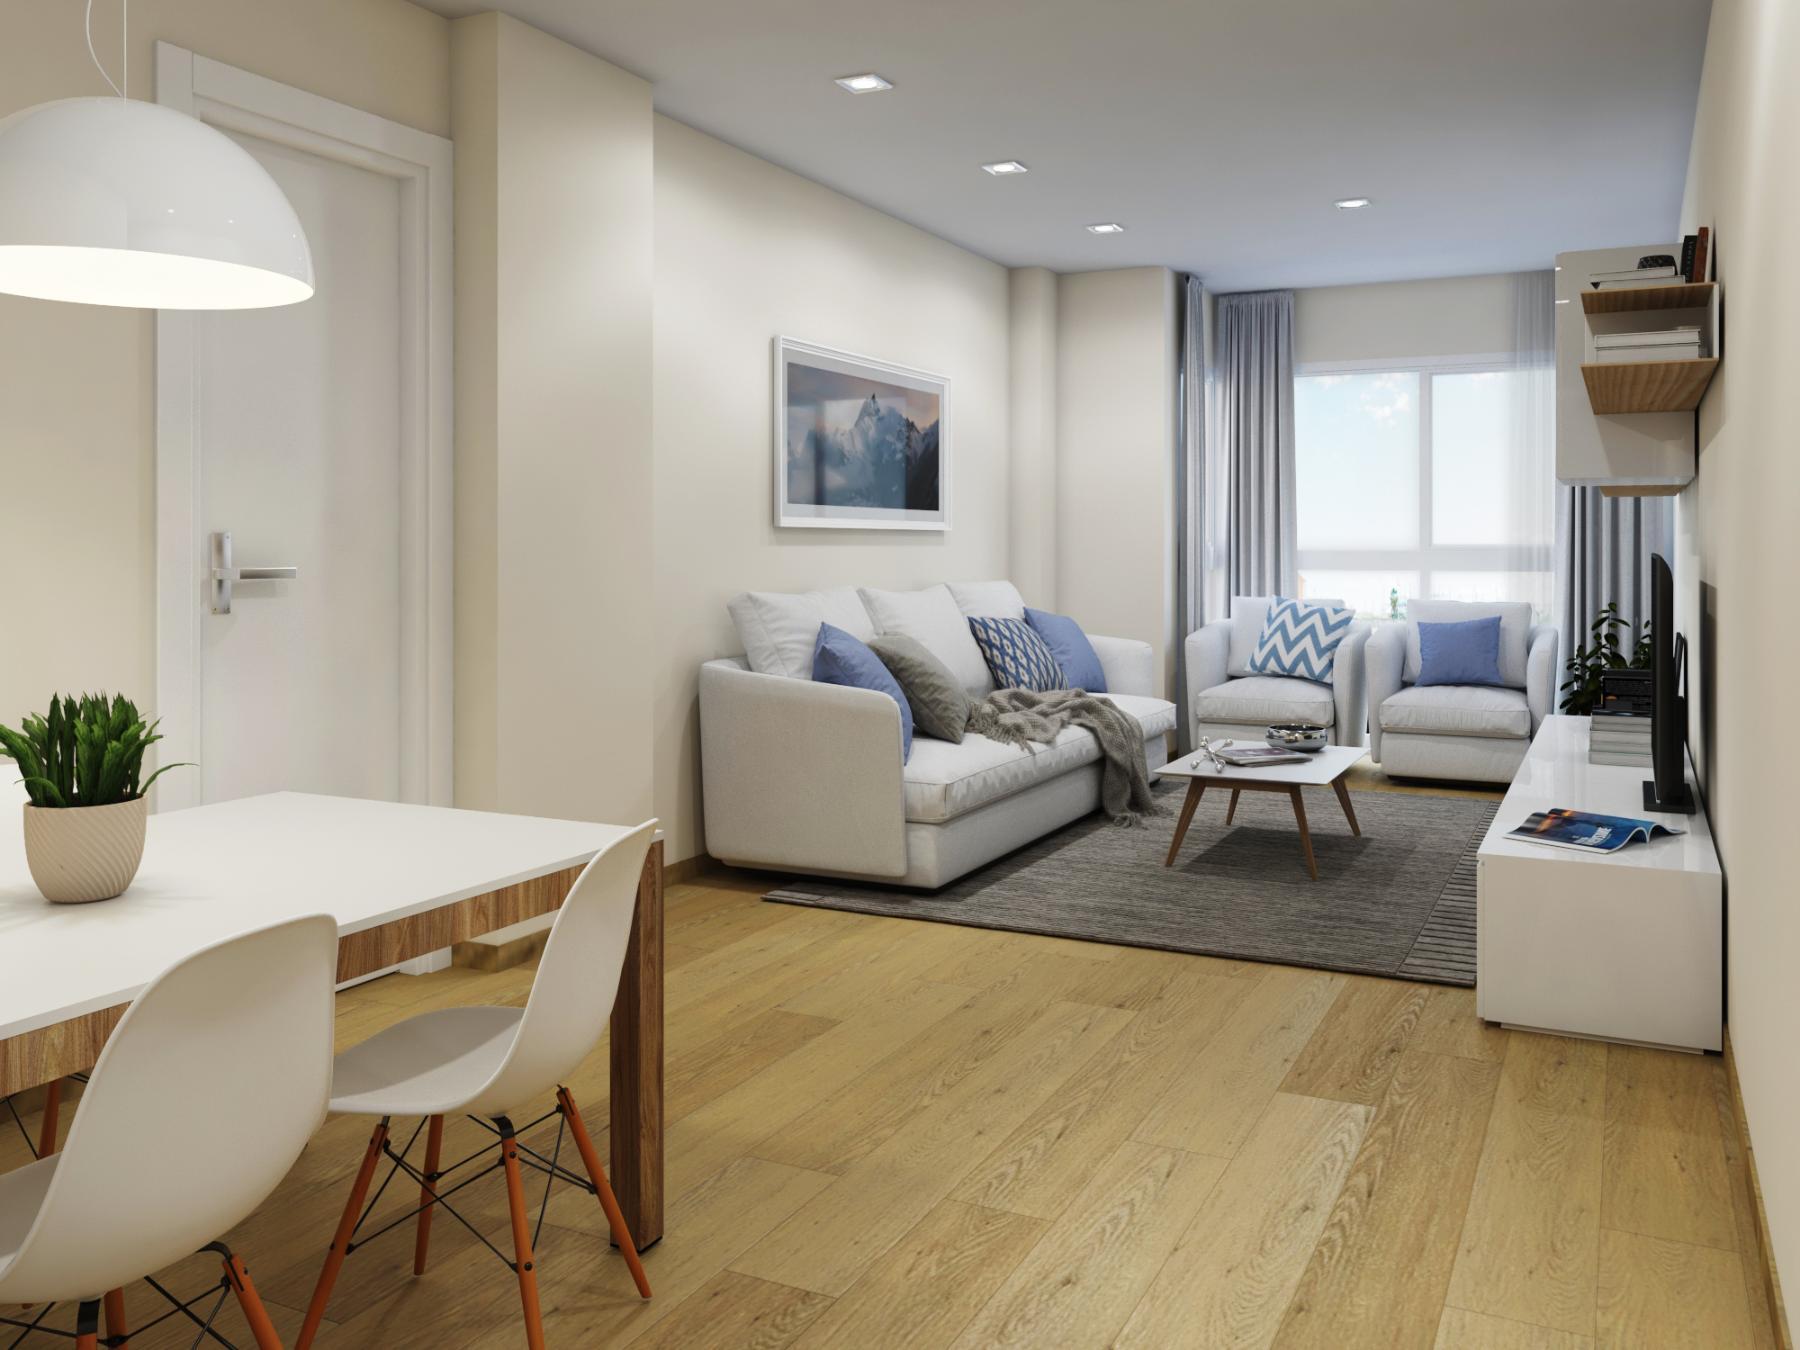 Piso en venta en Valencia, Valencia, Calle Juan Jose Sister, 256.000 €, 4 habitaciones, 2 baños, 122 m2